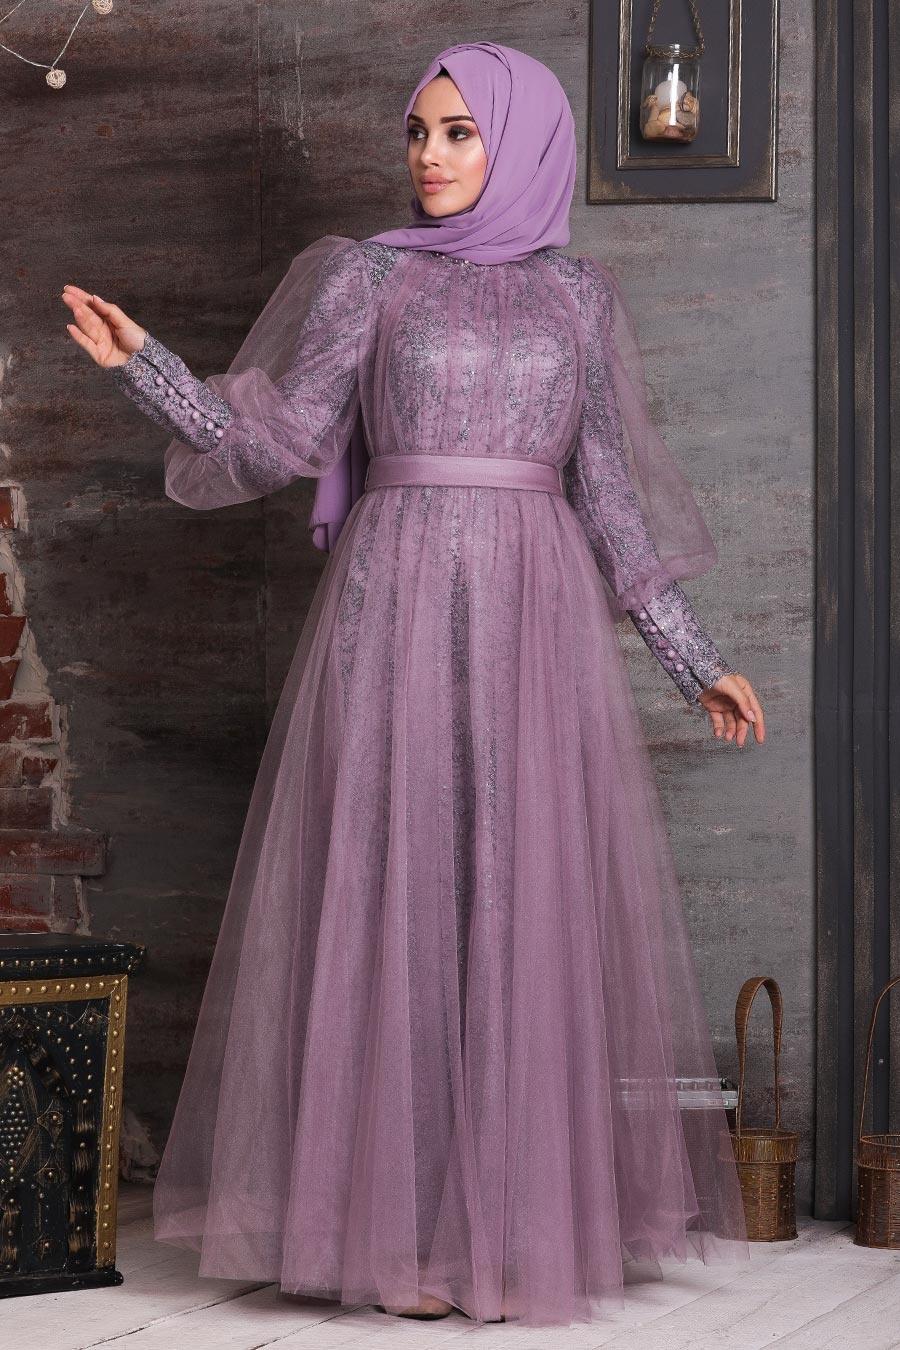 Tesettürlü Abiye Elbise - Dantel İşlemeli Koyu Lila Tesettür Abiye Elbise 21691KLILA